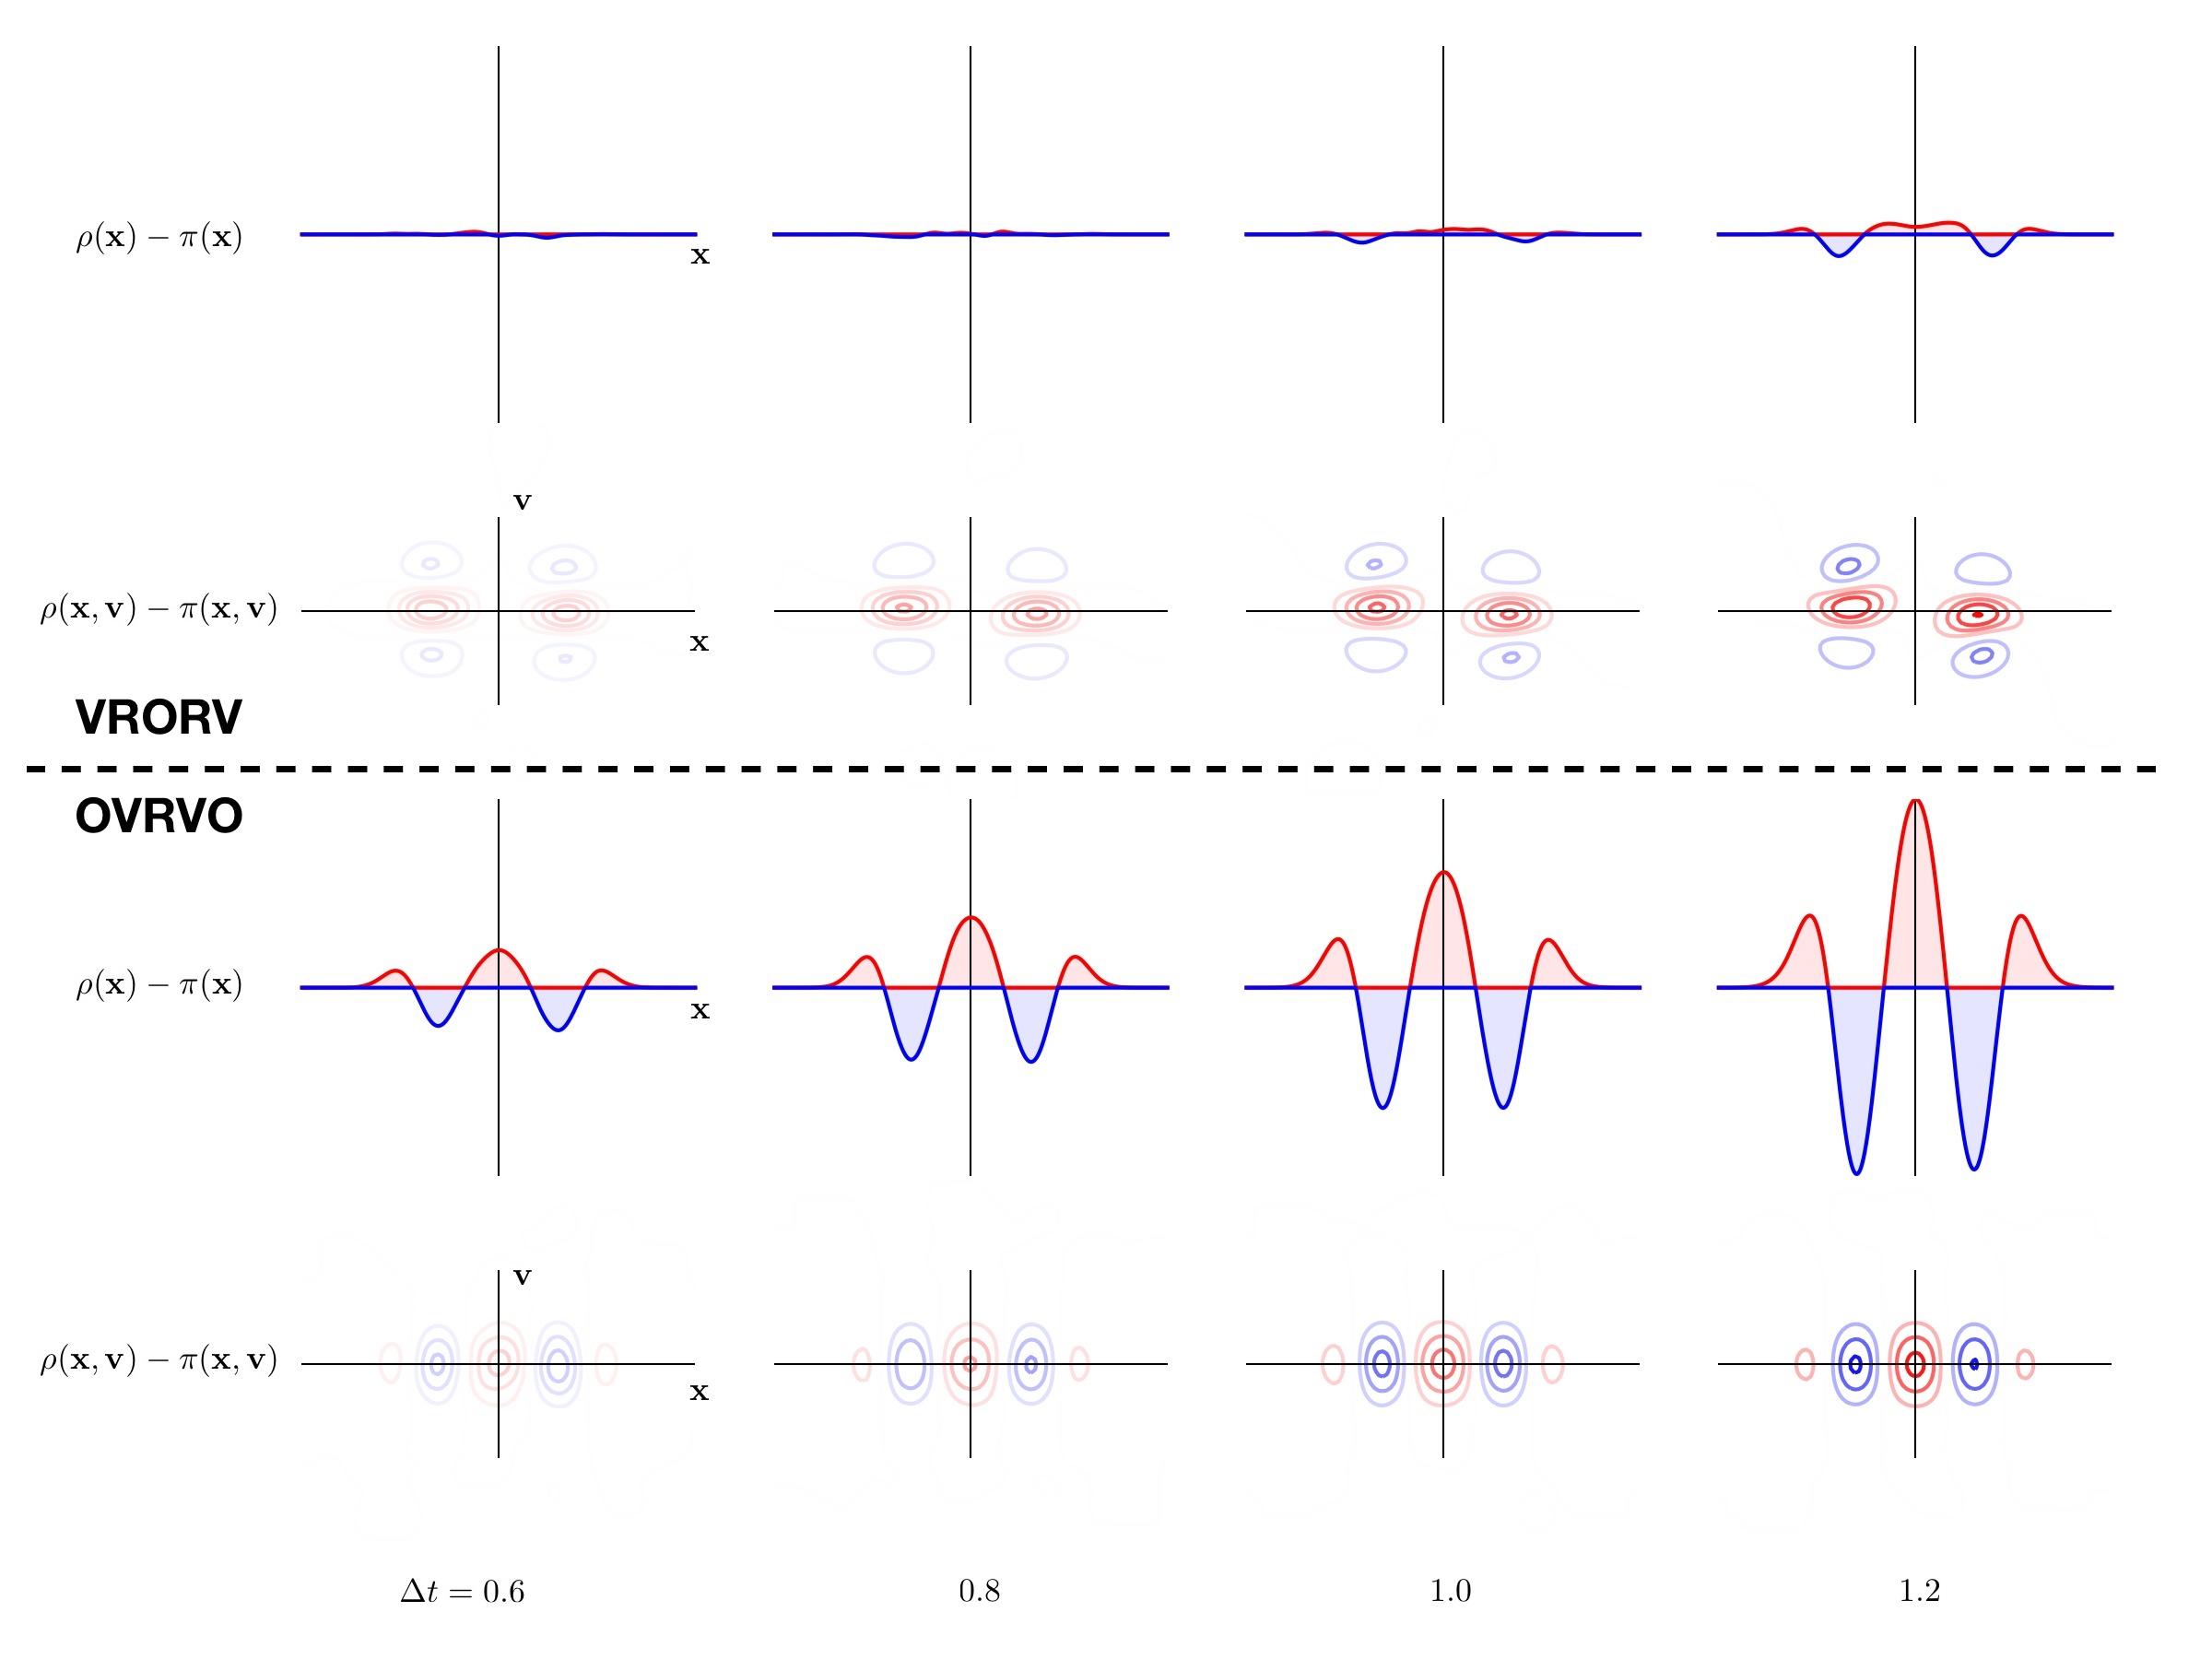 quartic_eq_joint_dist_array_w_x_marginals